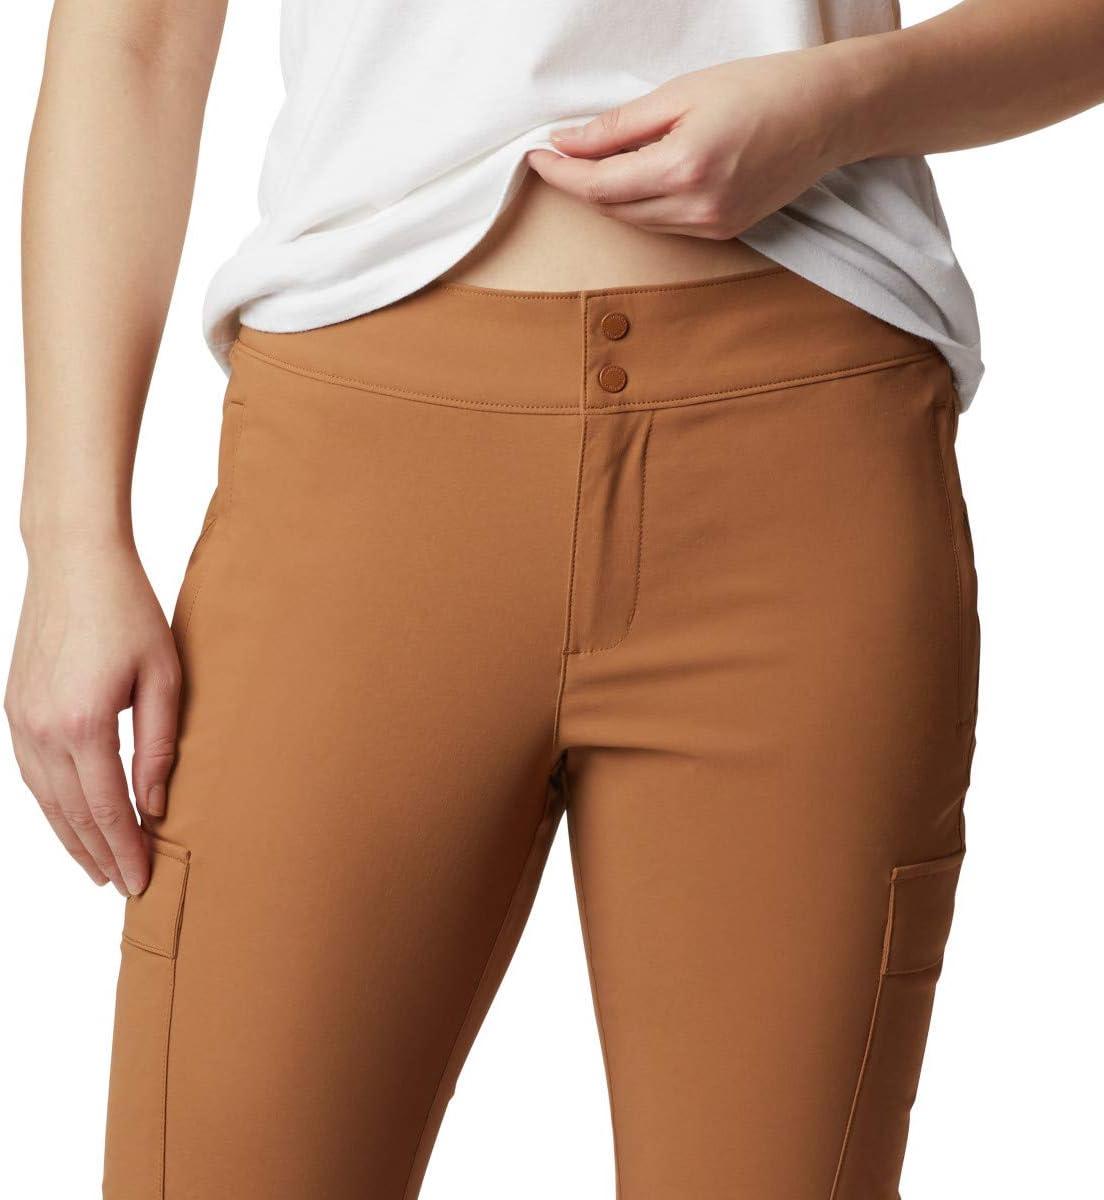 Columbia Firwood Cargo Pant - Pantalon Cargo Firwood. - Femme Élan.